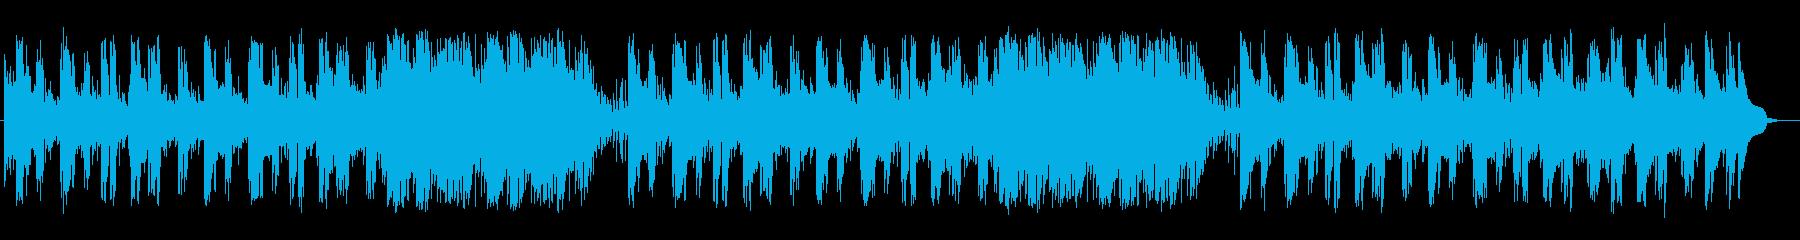 切なさもある軽快なピアノバラードの再生済みの波形